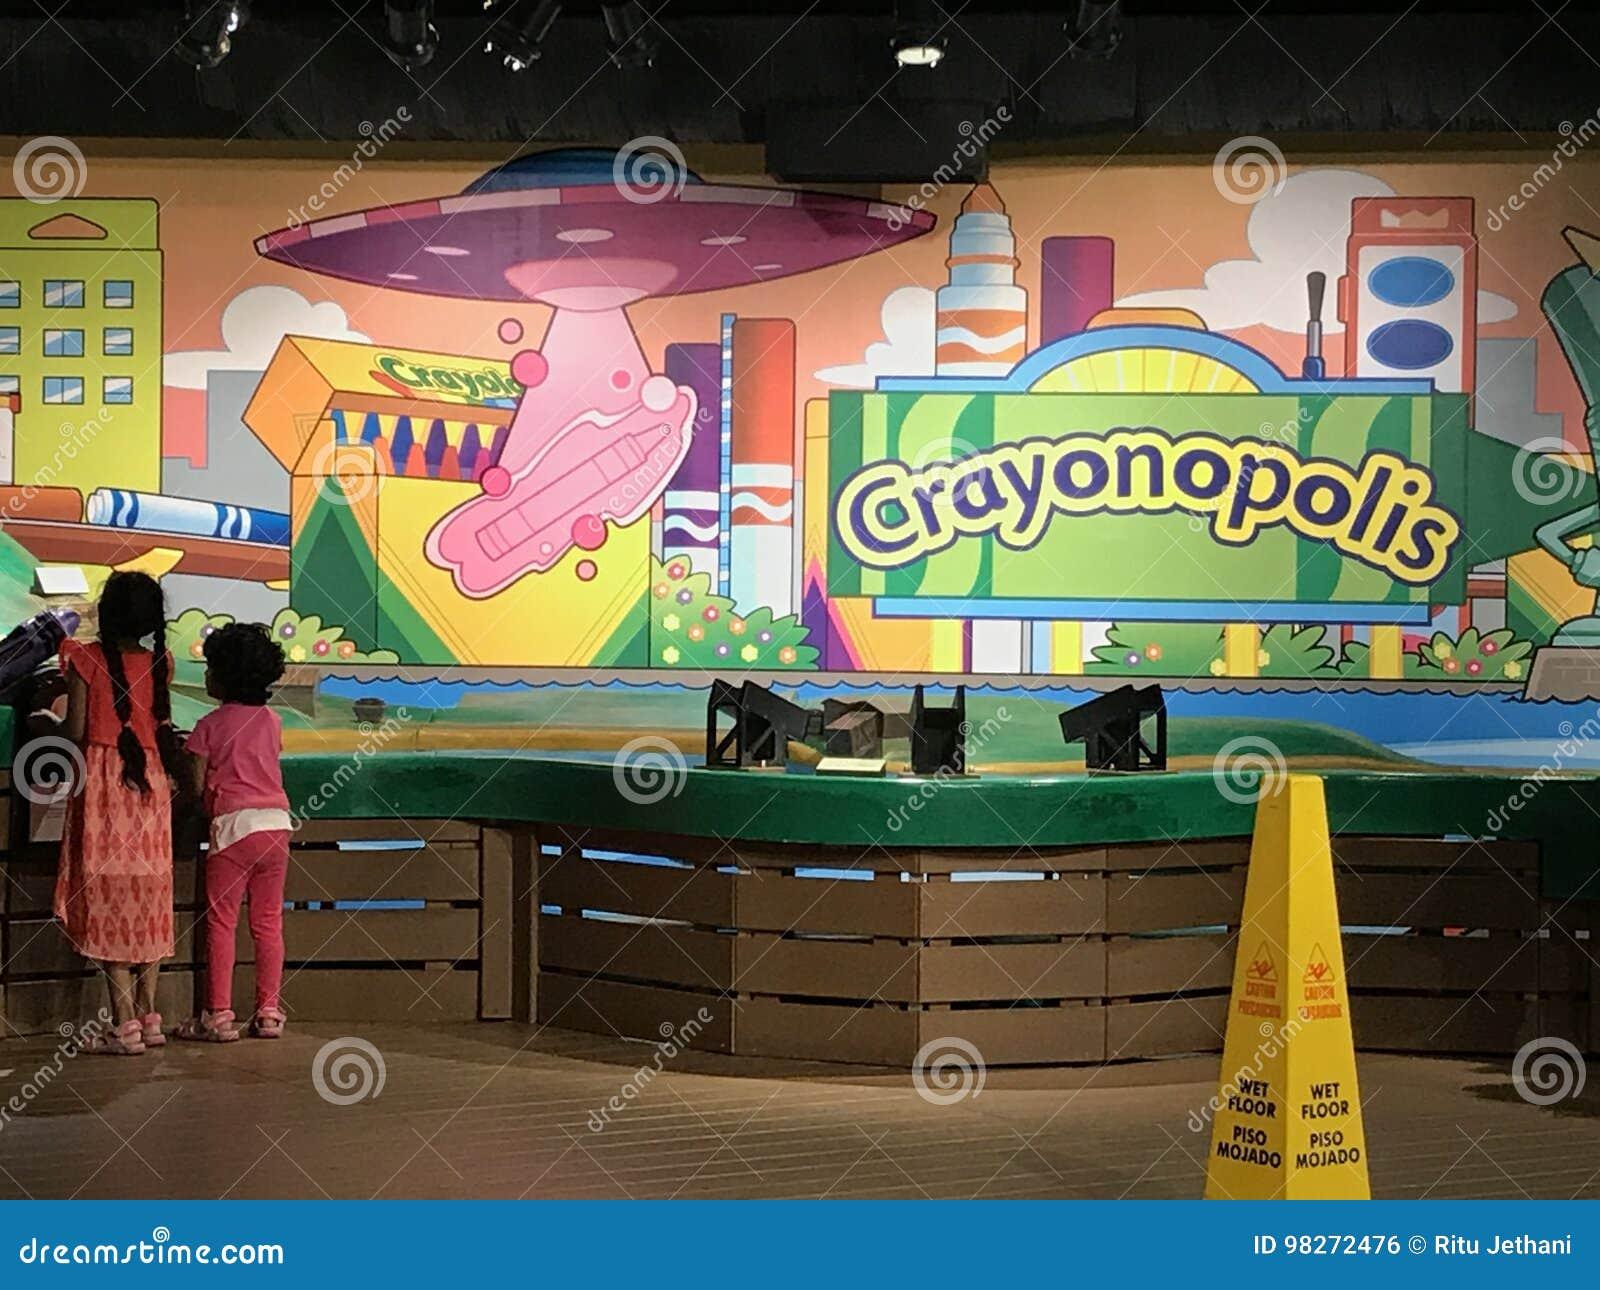 Crayola Experience In Easton, Pennsylvania Editorial Photo